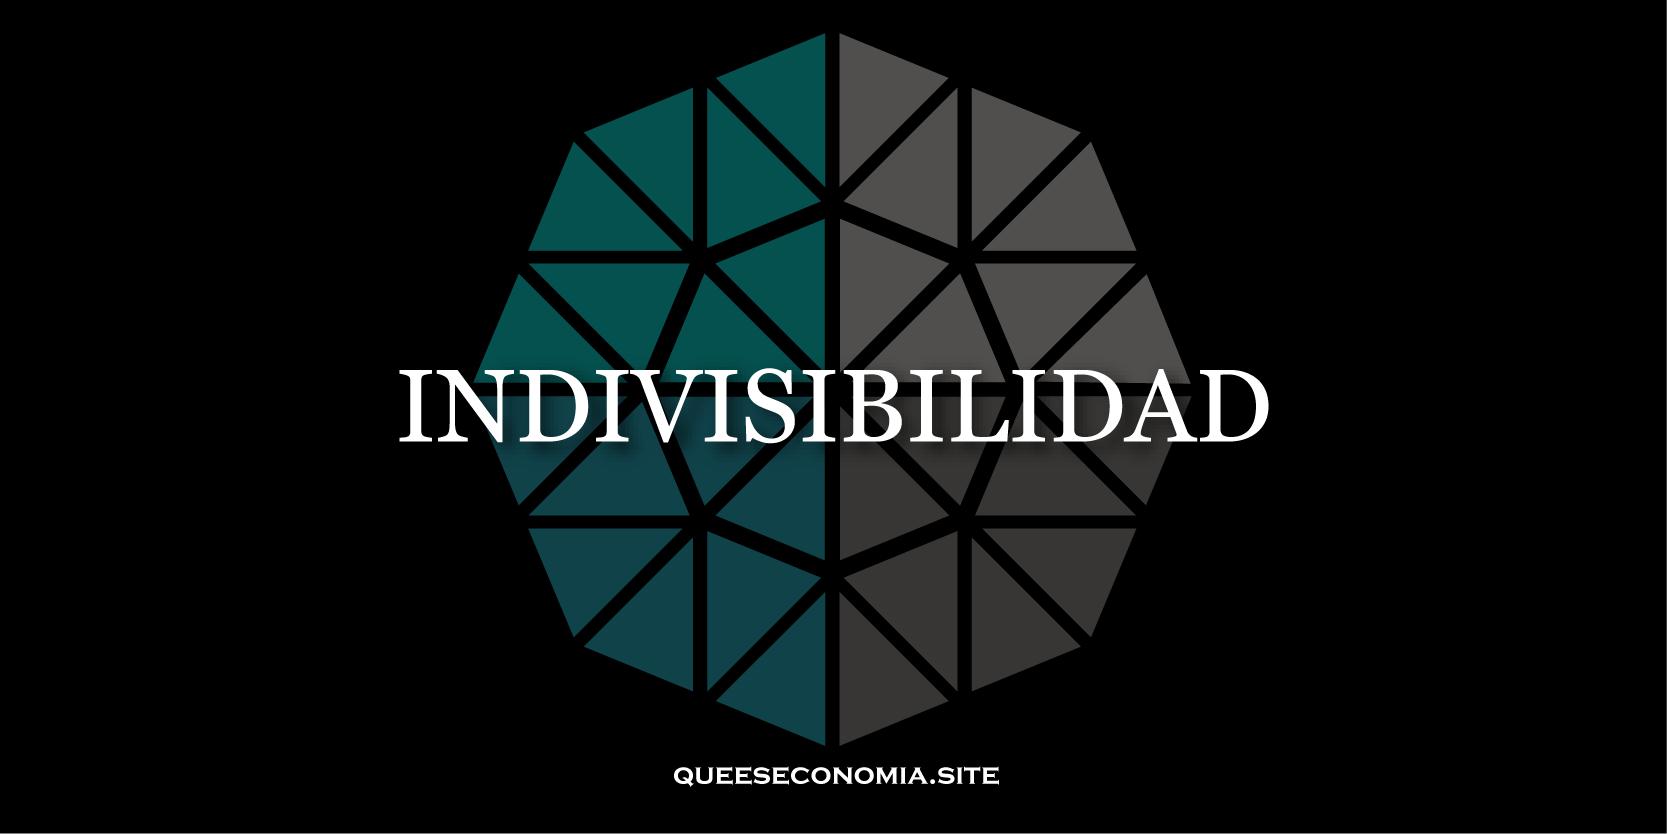 indivisibilidad